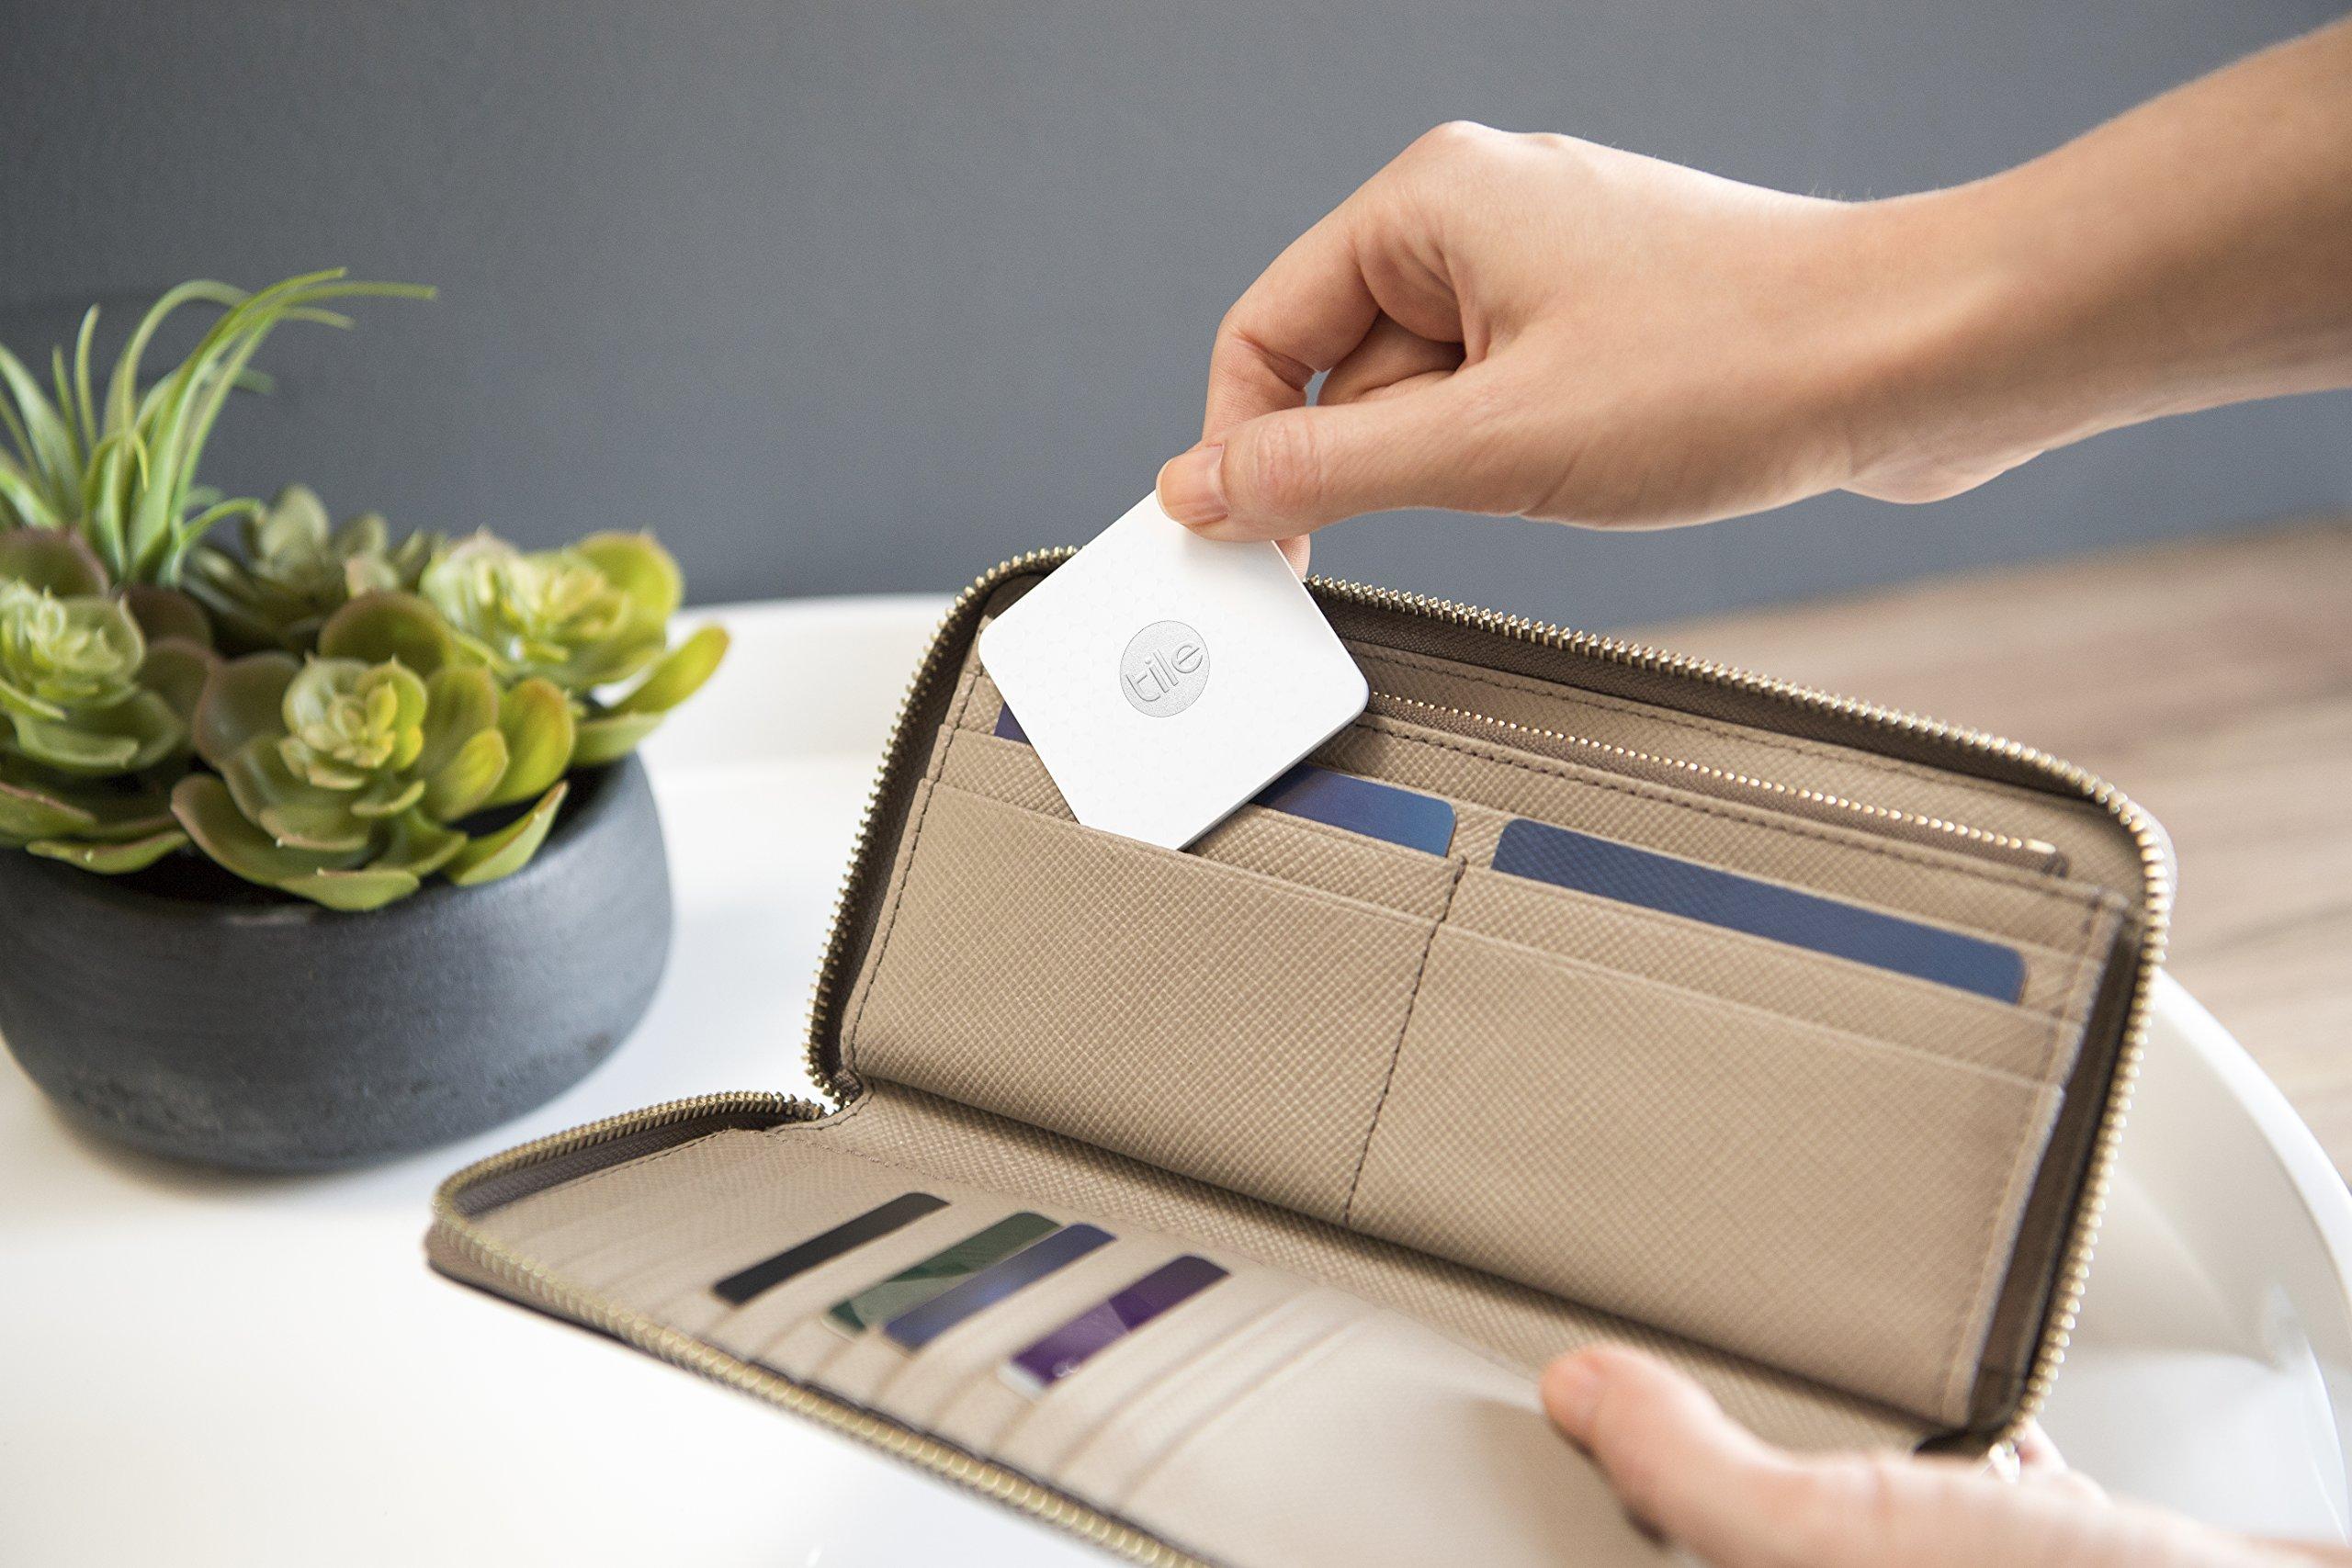 Tile Slim - Phone Finder. Wallet Finder. Anything Finder - 1 Pack by Tile (Image #4)